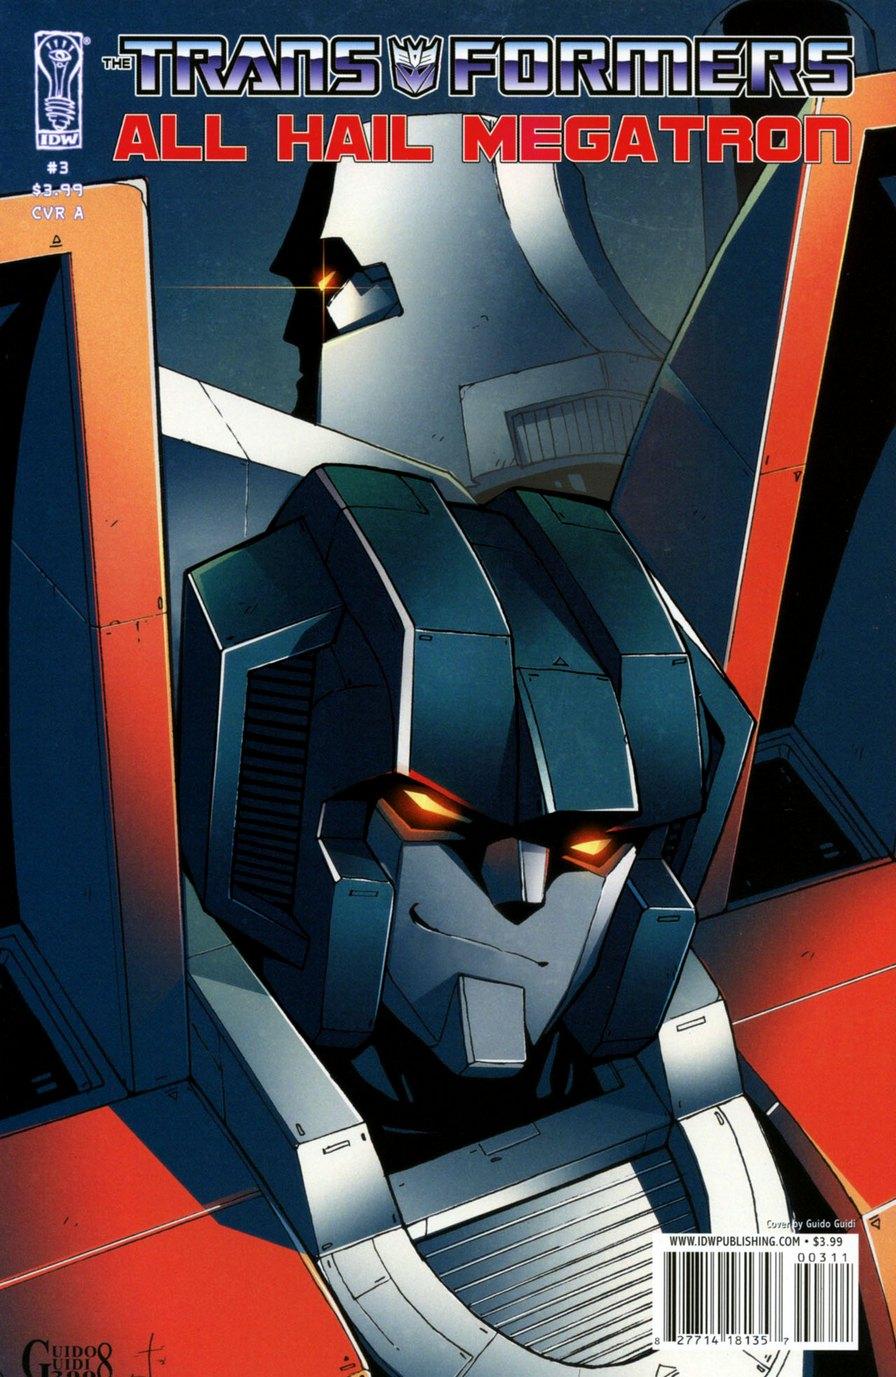 Комиксы Онлайн - Трансформеры: Да здравствует Мегатрон - # 3 - Страница №1 - Transformers: All Hail Megatron - # 3